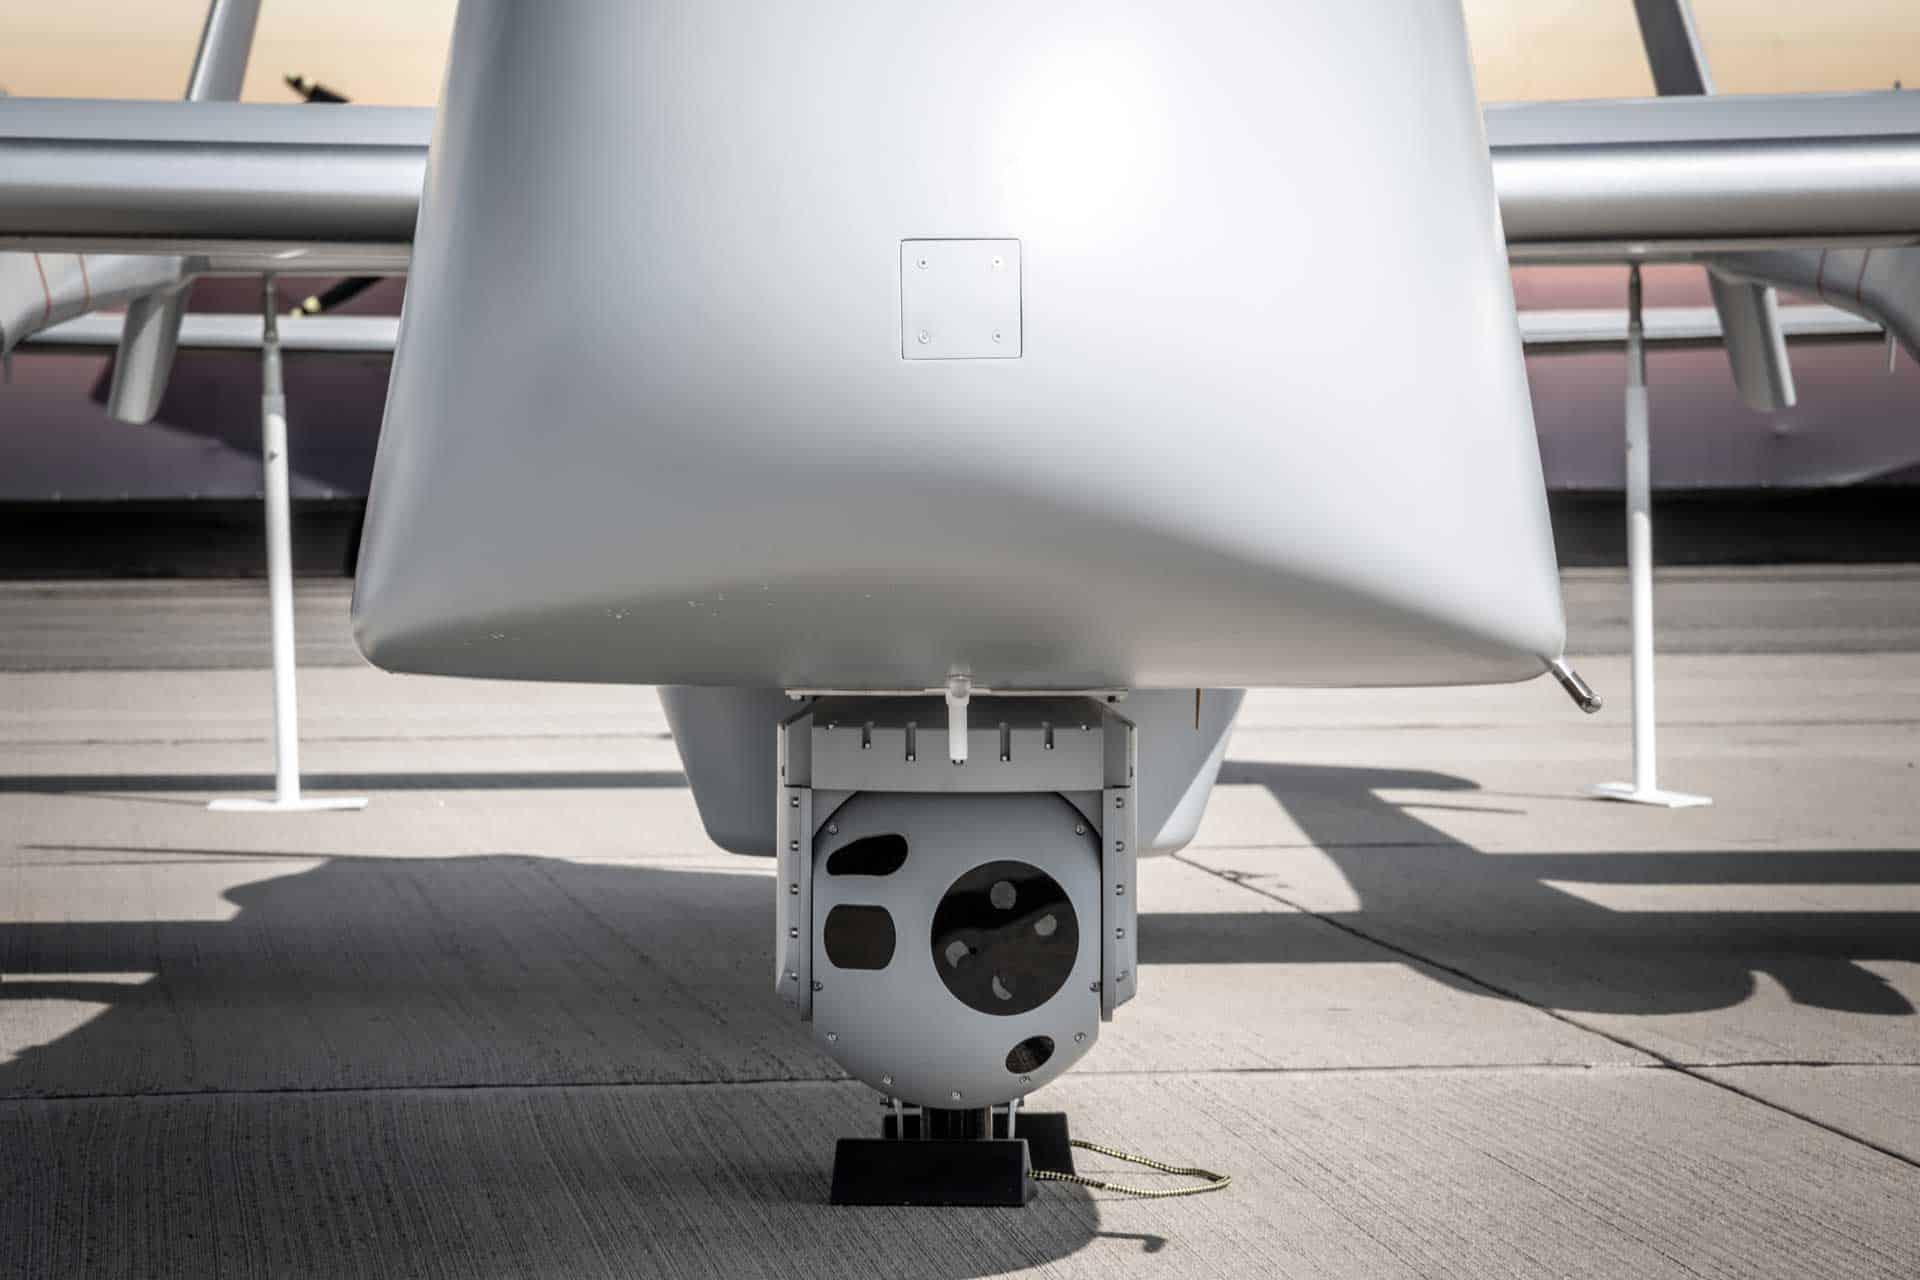 UAV gimbal with SWIR sensor